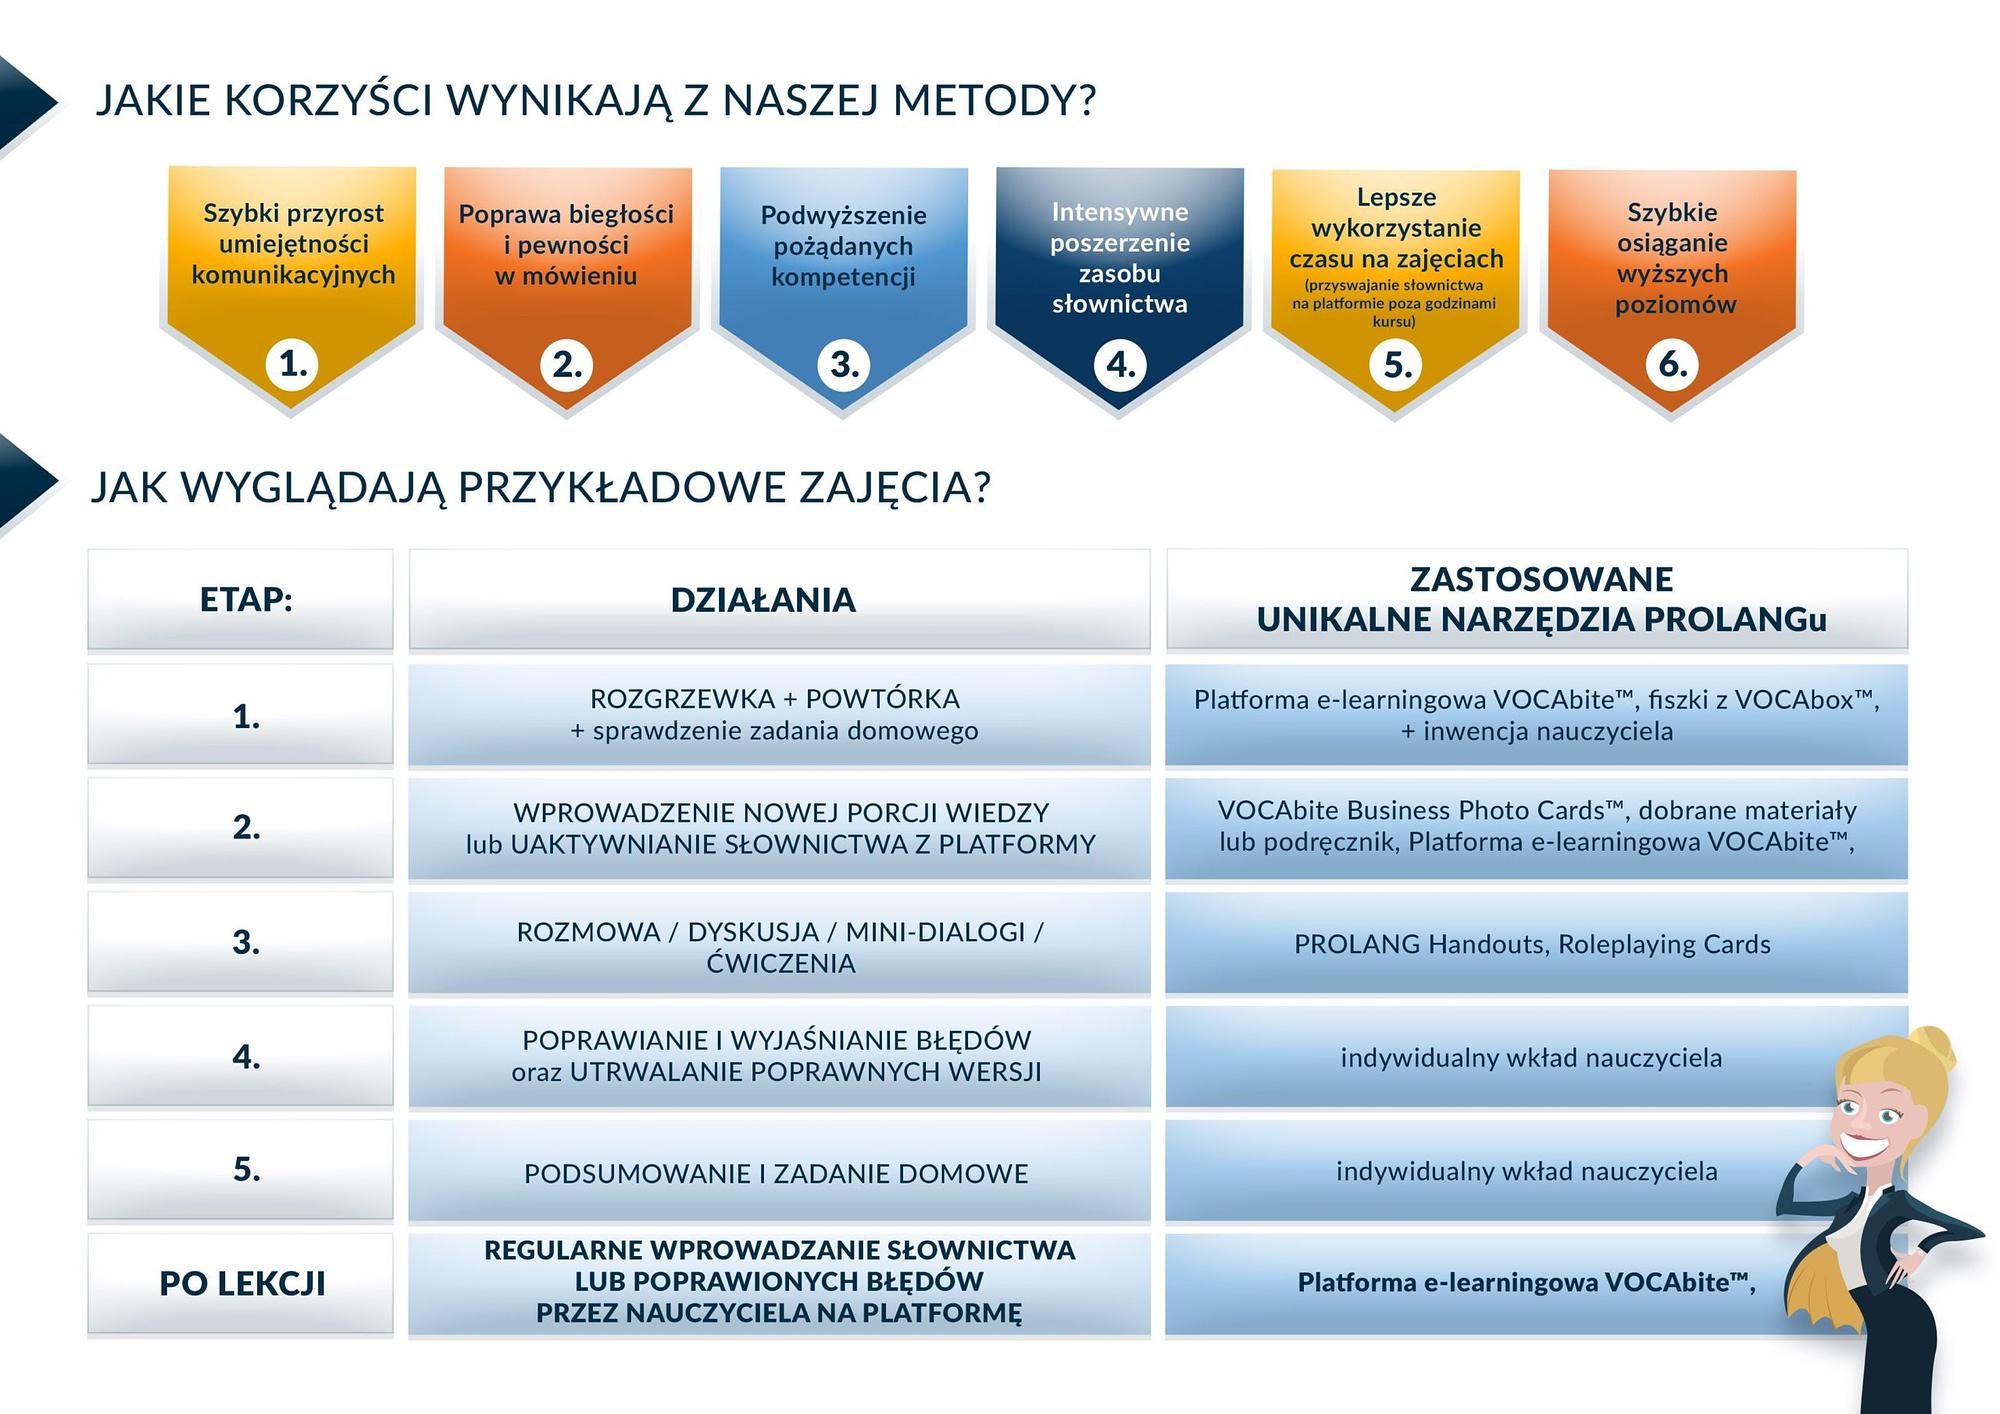 METODA_PROLANG2 kursy językowe dla firm